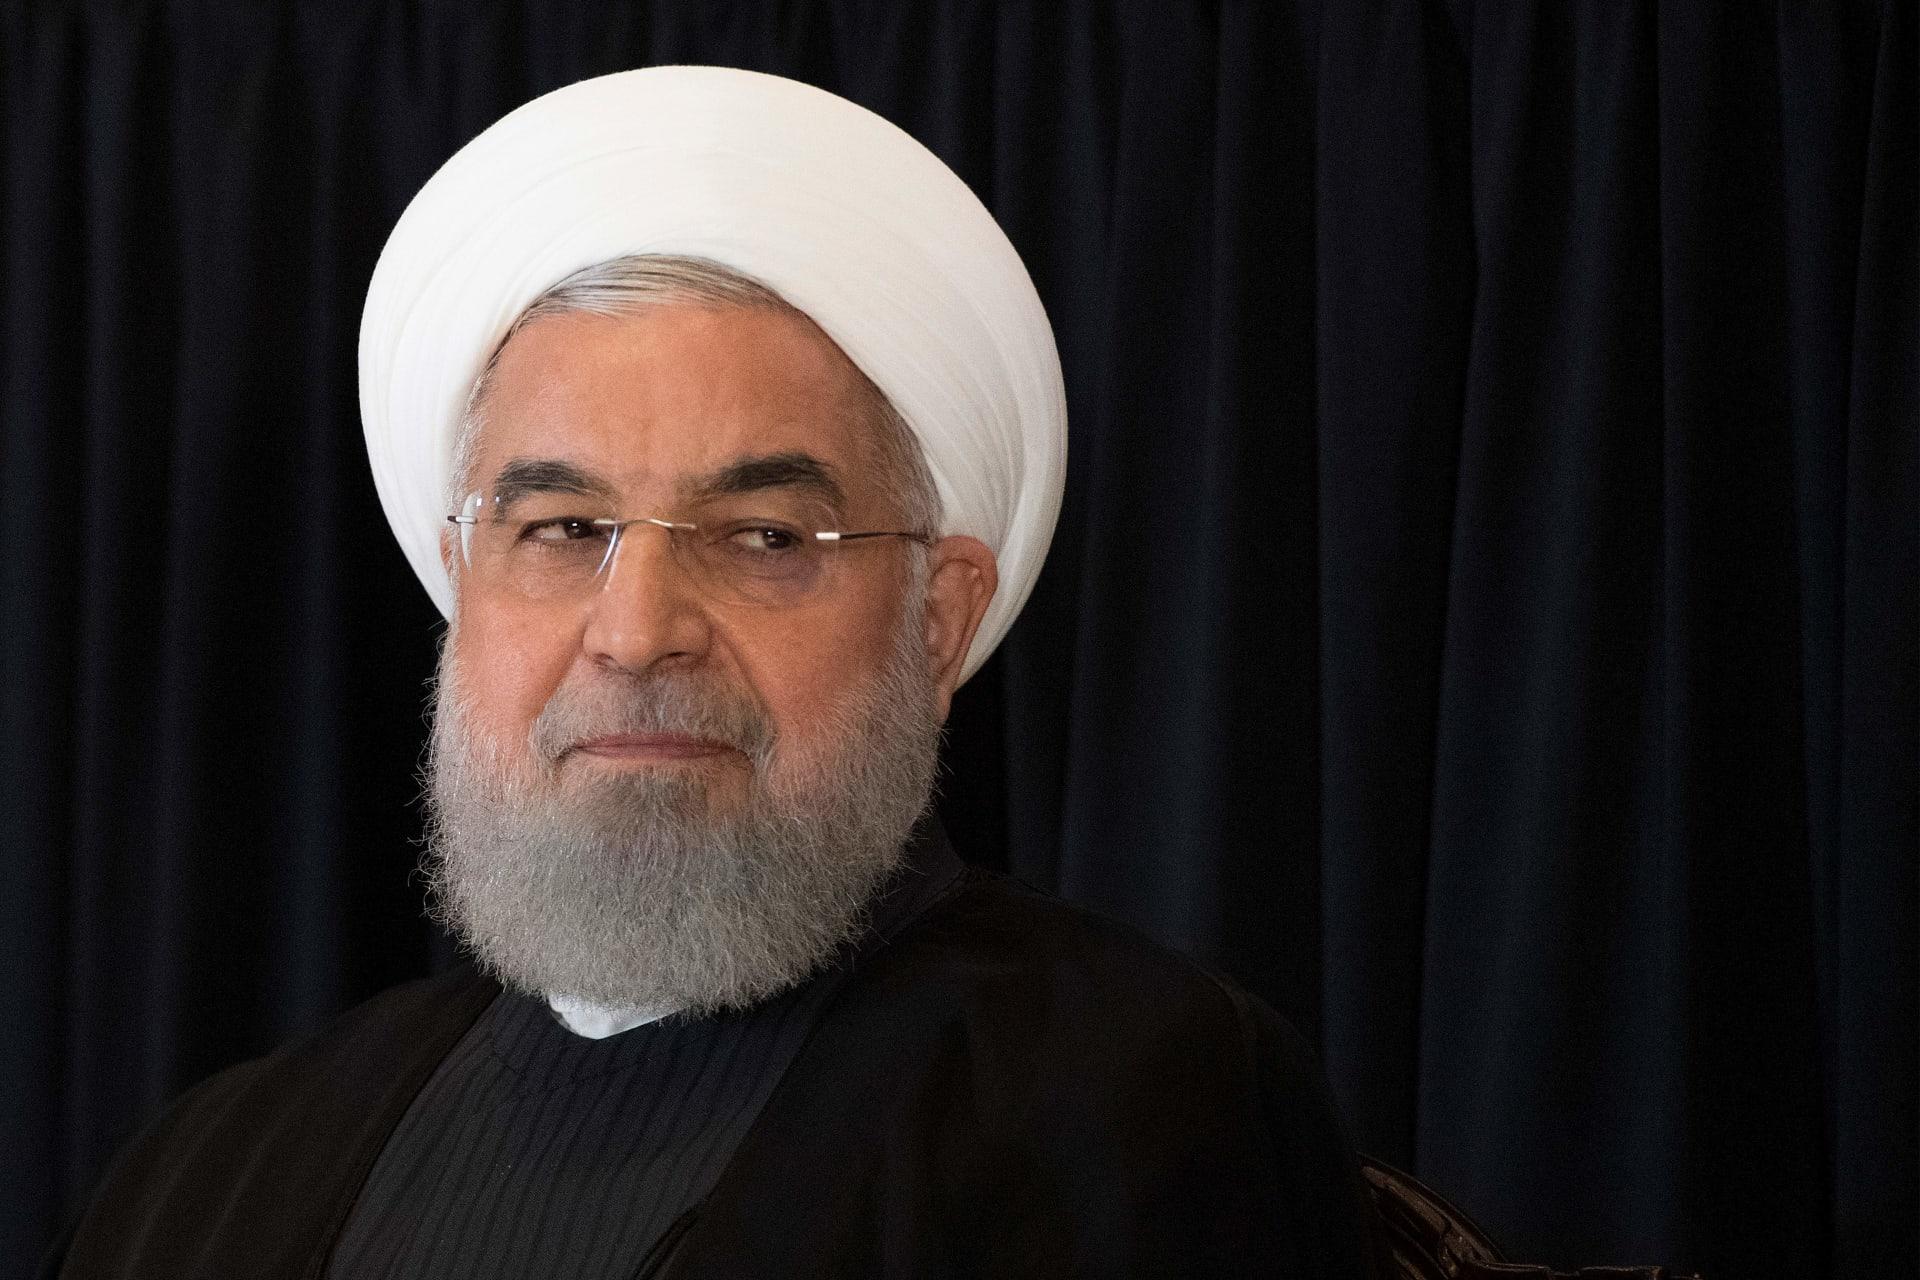 إيران ترفع الحد الأدنى للأجور بنسبة 36% إلى هذه القيمة